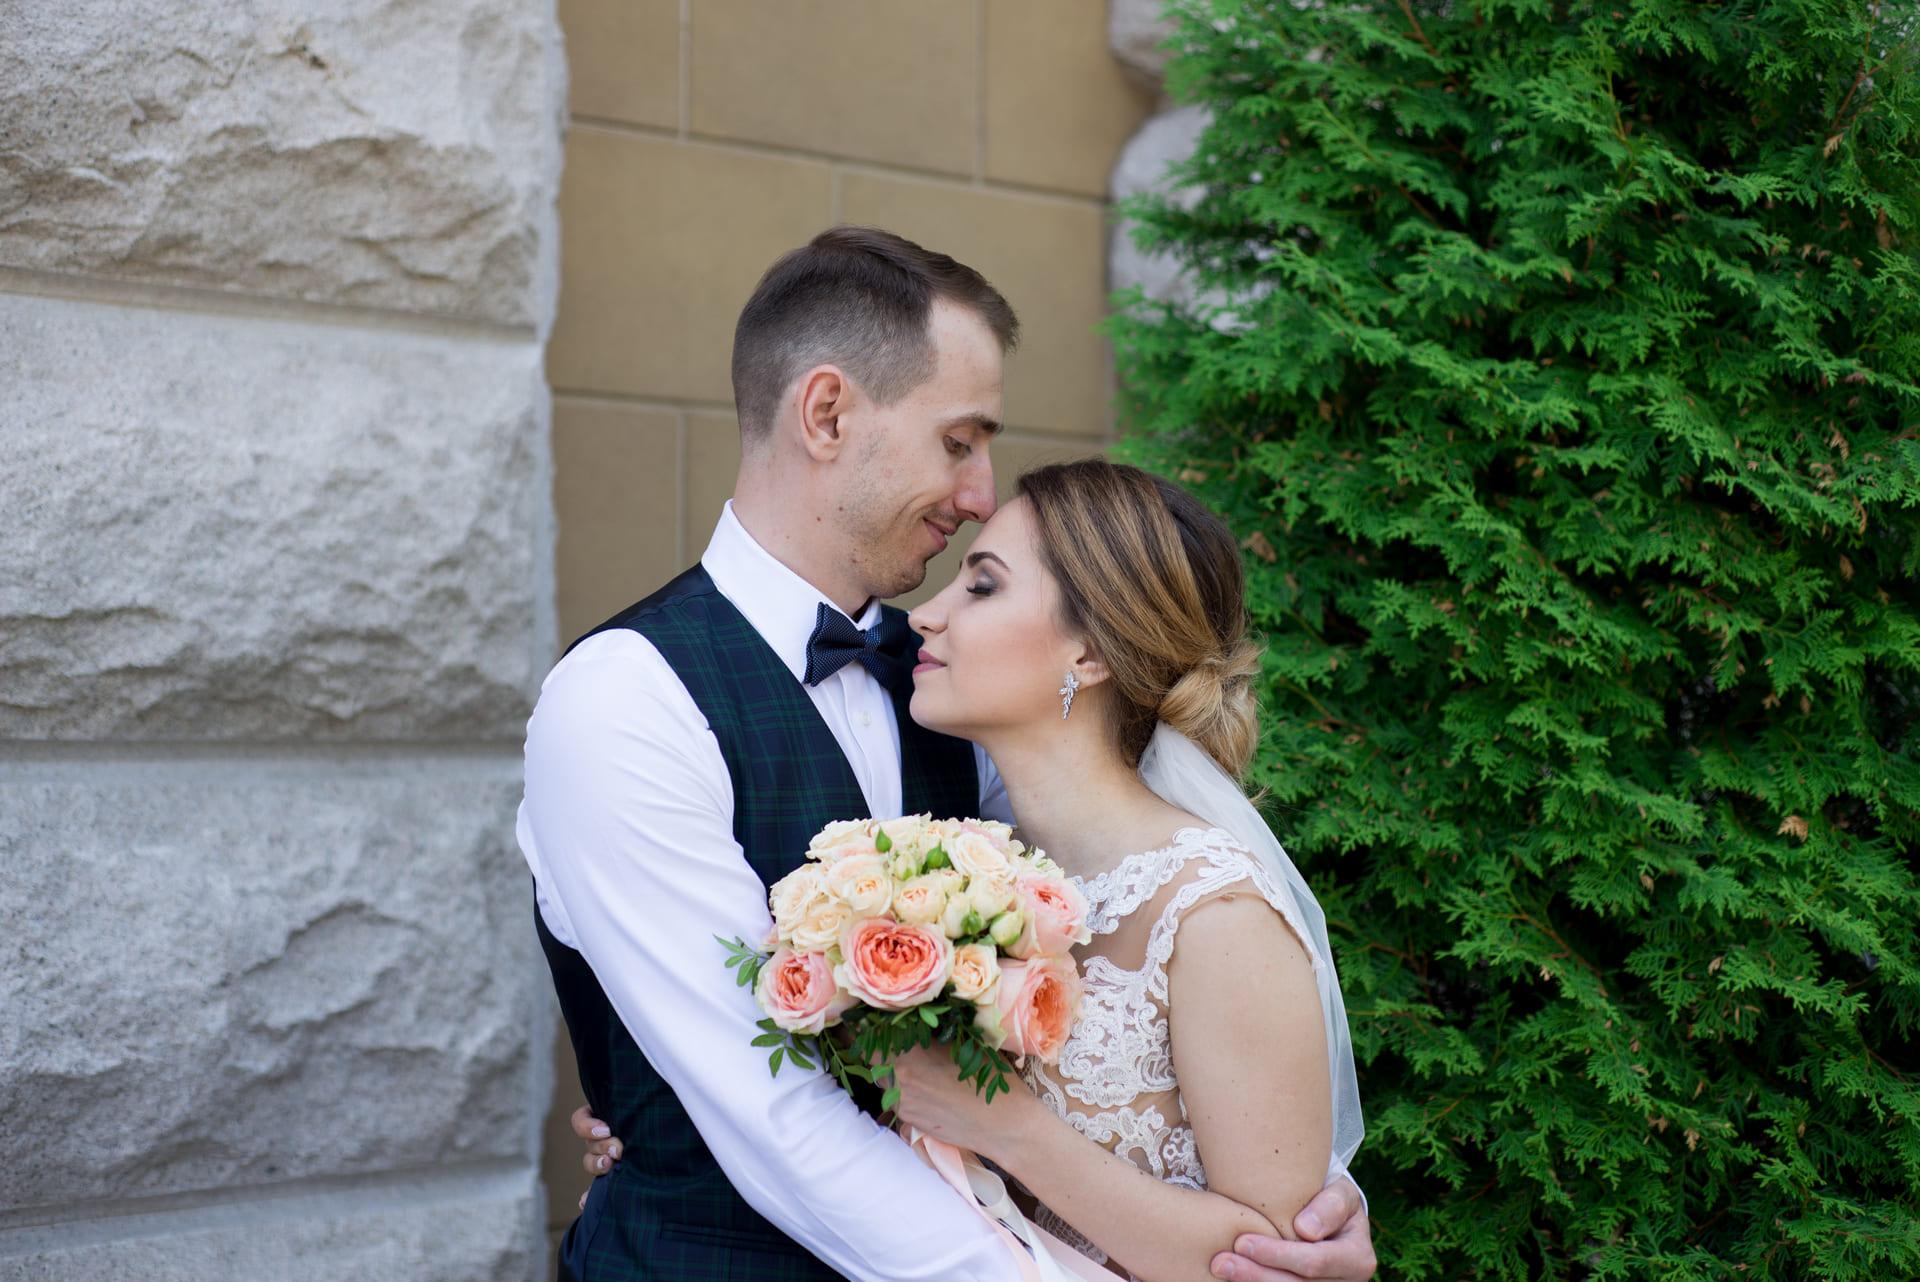 Свадебная фотосессия в Межигорье: Невеста обнимает любимого